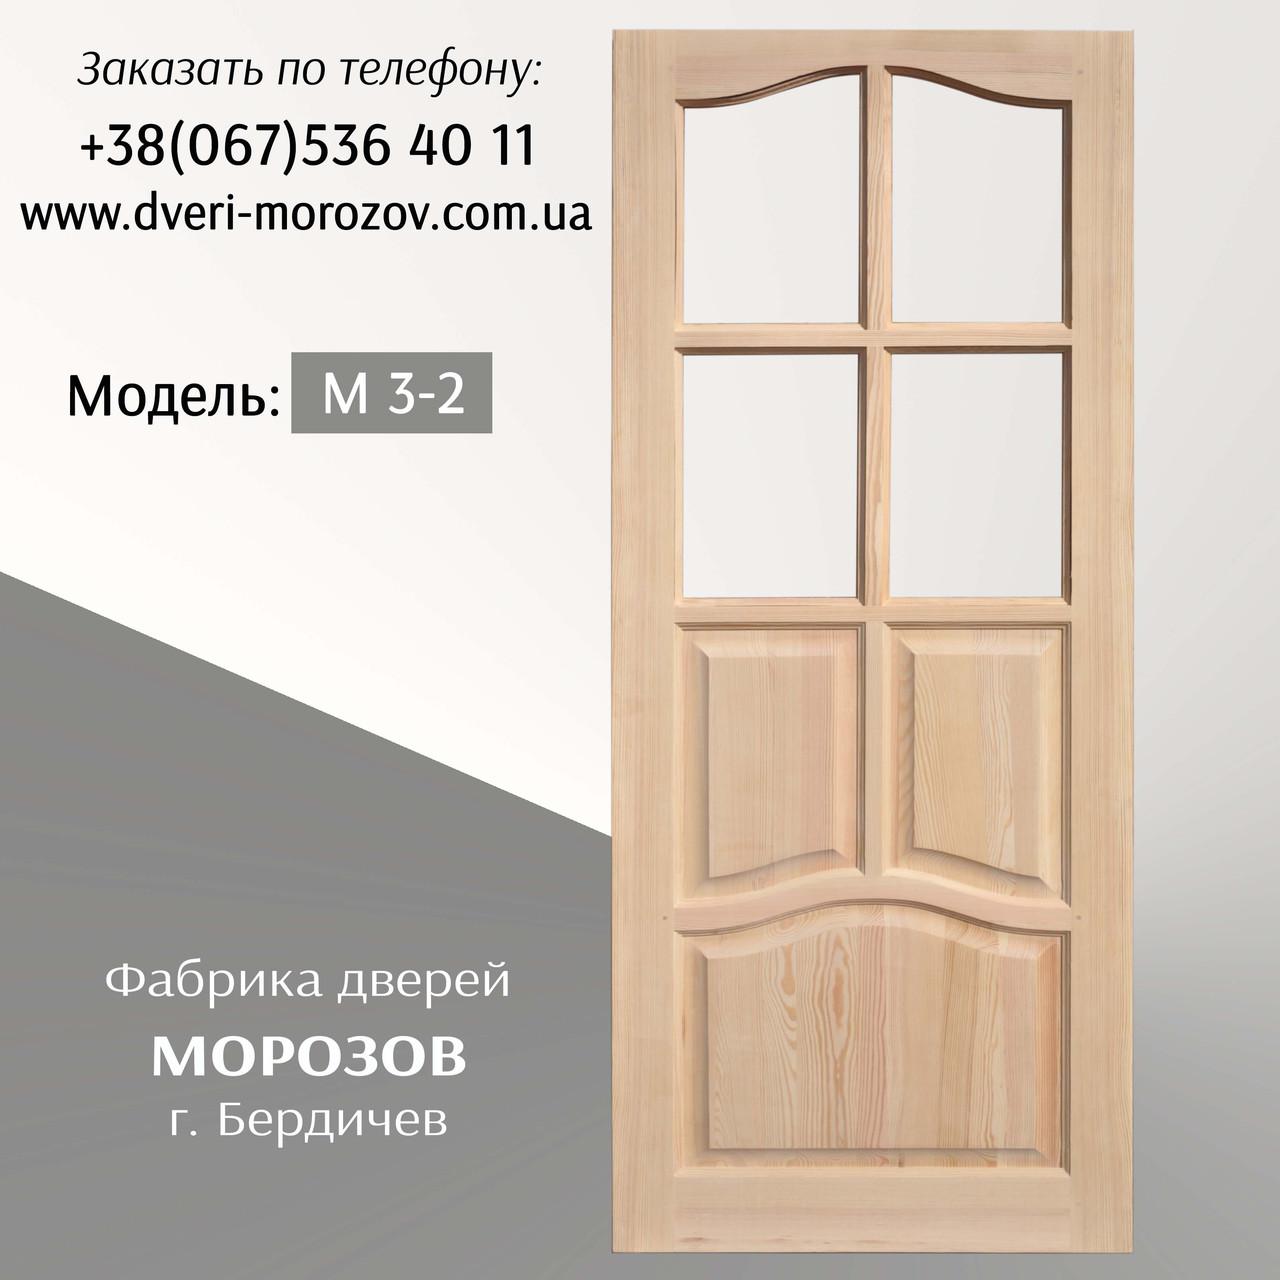 Двери из массива сосны - Продажа деревянных дверей собственного производства г.Бердичев - доставка по Украине в Бердичеве